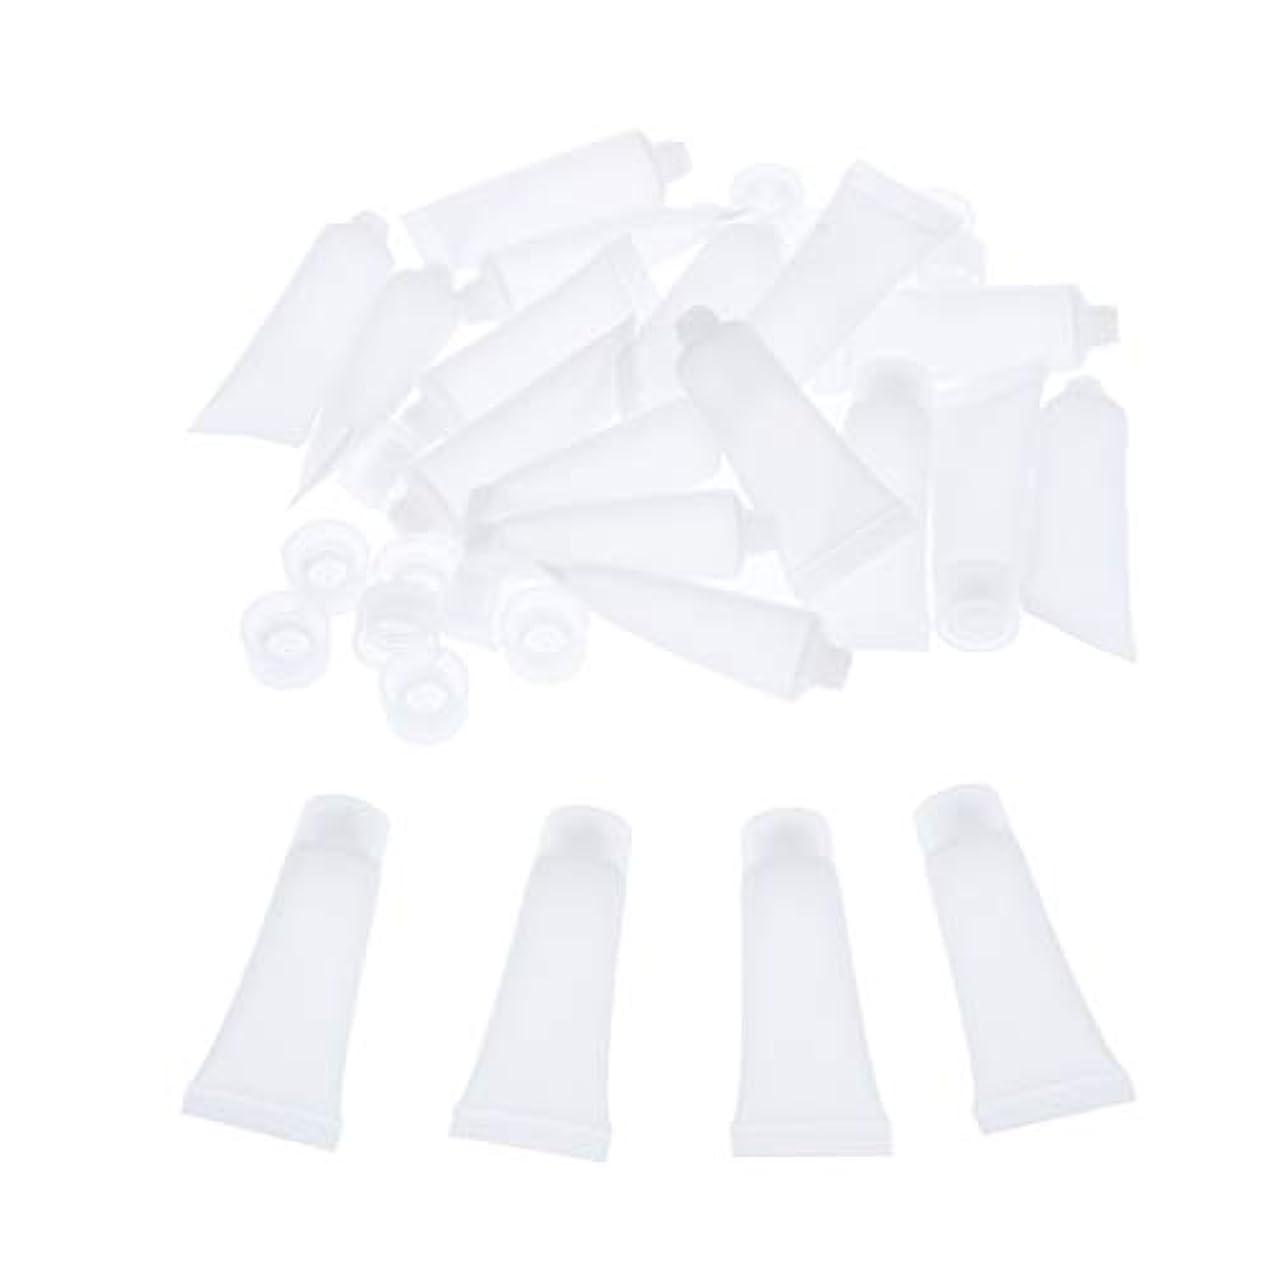 最大限尊敬するシガレット化粧品チューブ 化粧瓶 空ボルト 広い口 クリーム チューブ 詰め替え 化粧品ボトル 約20個入り 全4サイズ - 15ml